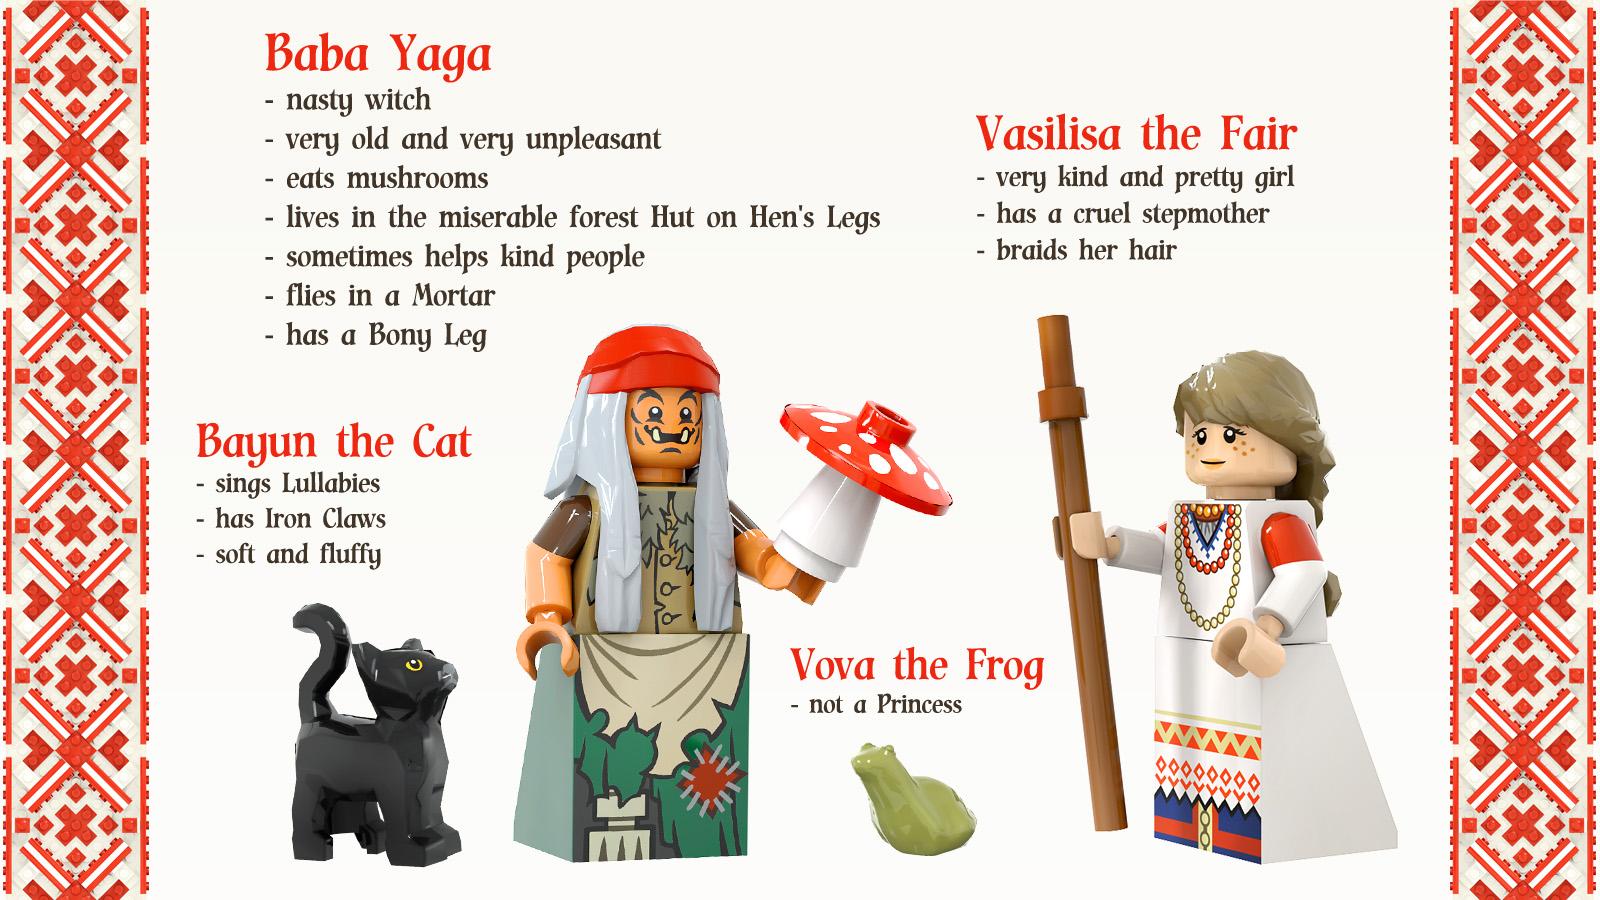 レゴアイデアで『バーバ・ヤーガ』が製品化レビュー進出!2021年第1回1万サポート獲得デザイン紹介